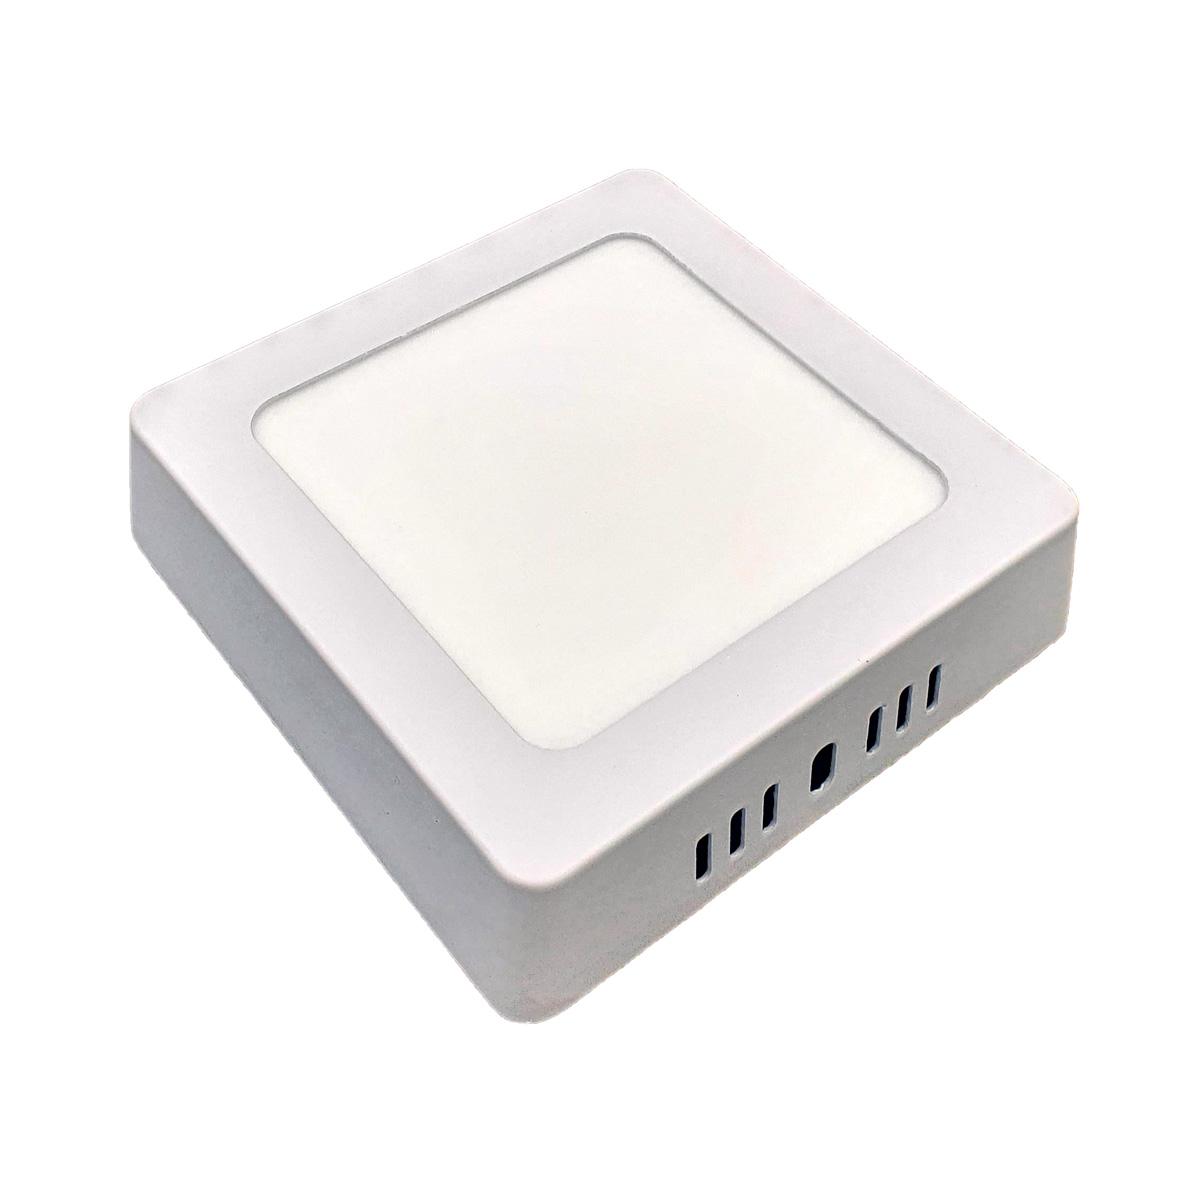 Painel Plafon LED 6w Quadrado Luminaria Sobrepor Branco Luz Quente